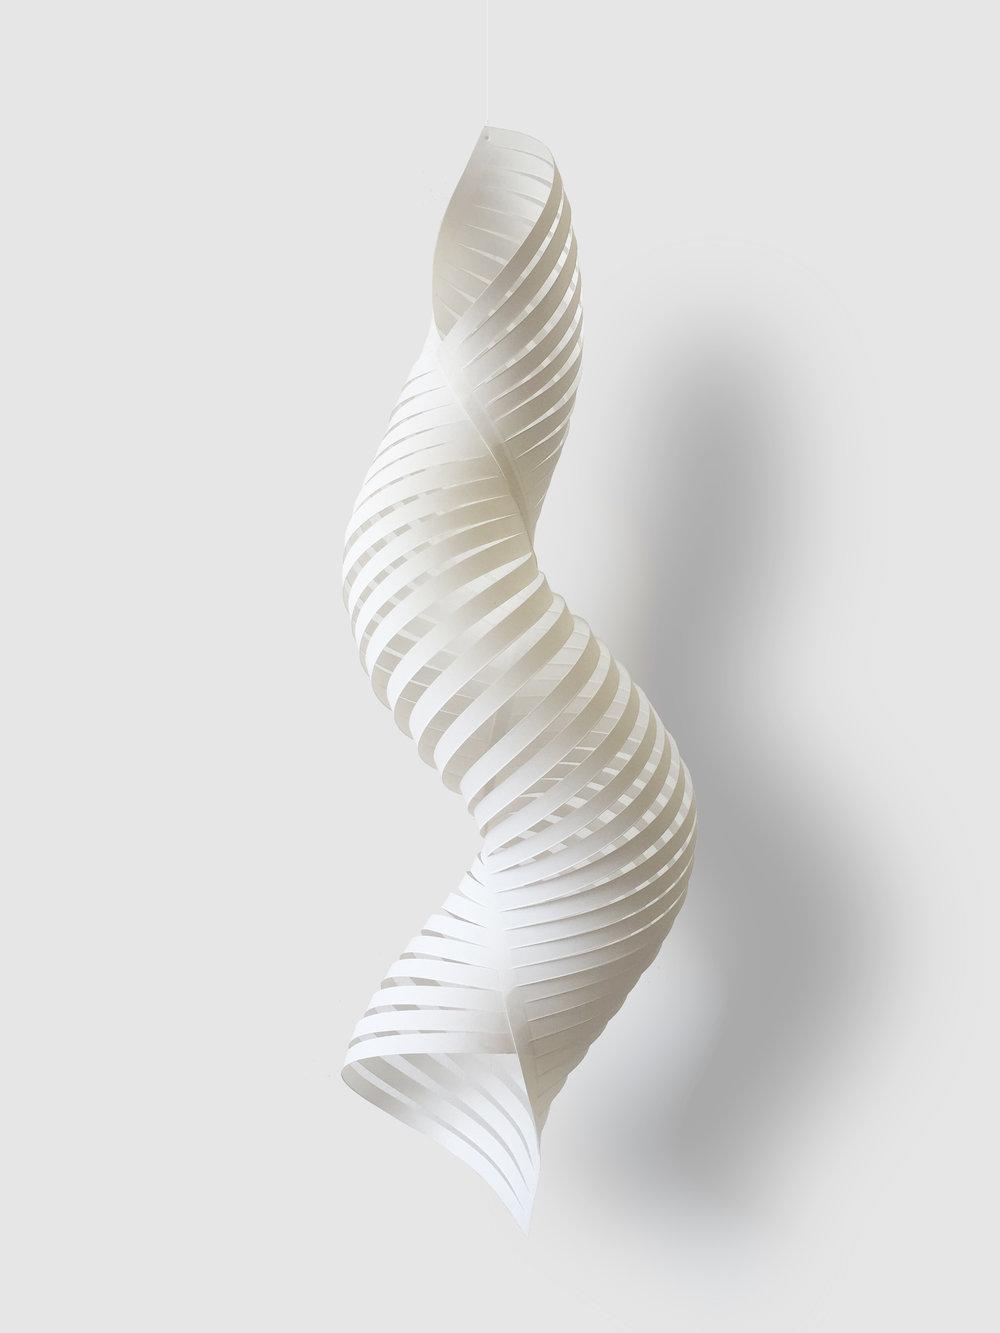 Folding stone